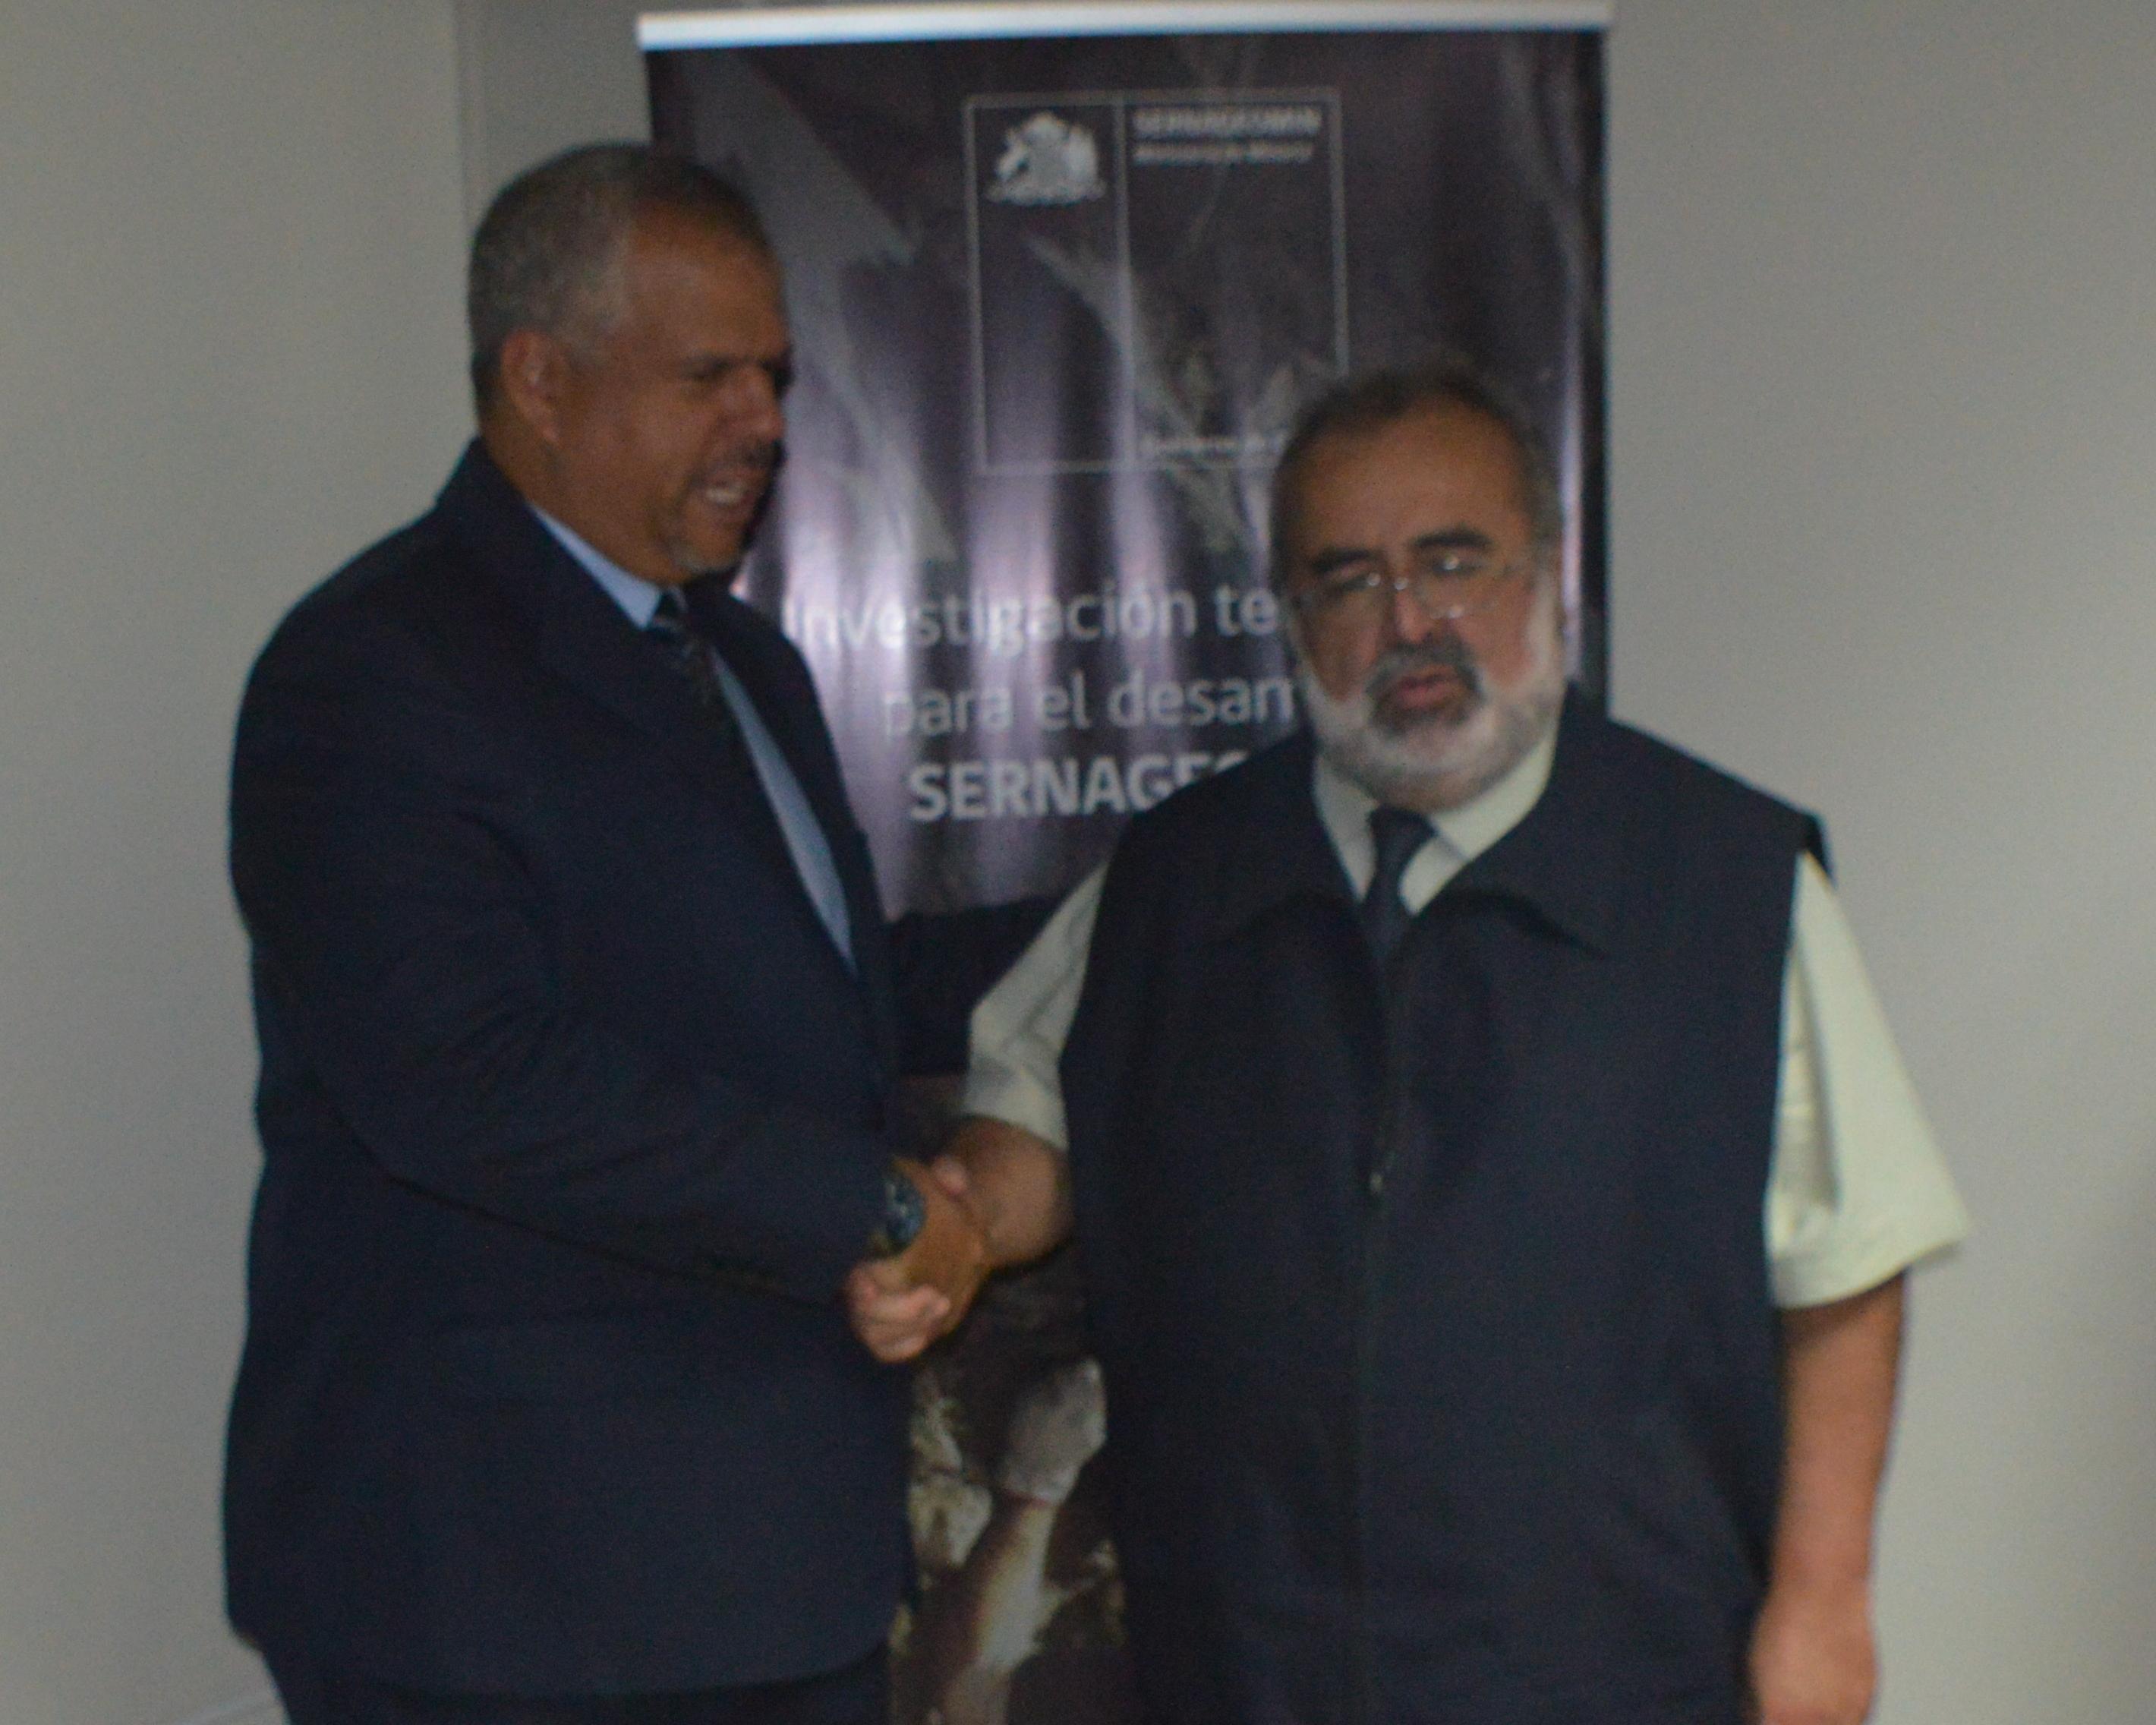 Ingeomin (Venezuela) y Sernageomin (Chile) acordarán intercambios técnicos